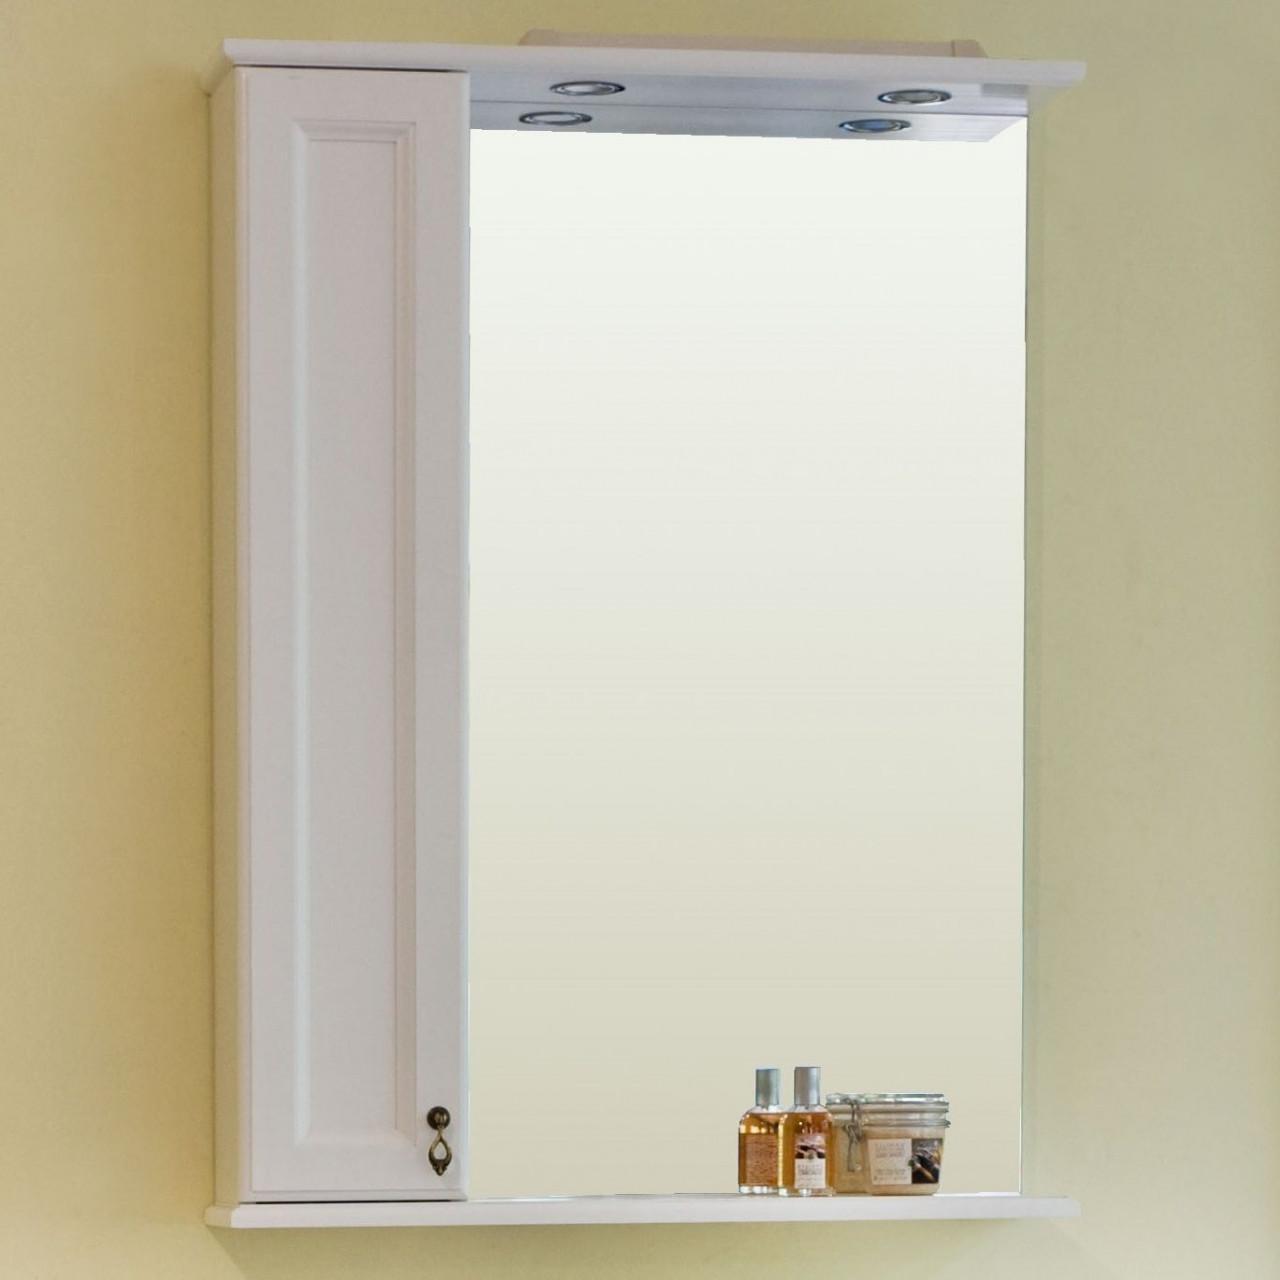 Зеркало-шкаф Аллигатор Милана 2 65 купить в Москве по цене от 8800р. в интернет-магазине mebel-v-vannu.ru